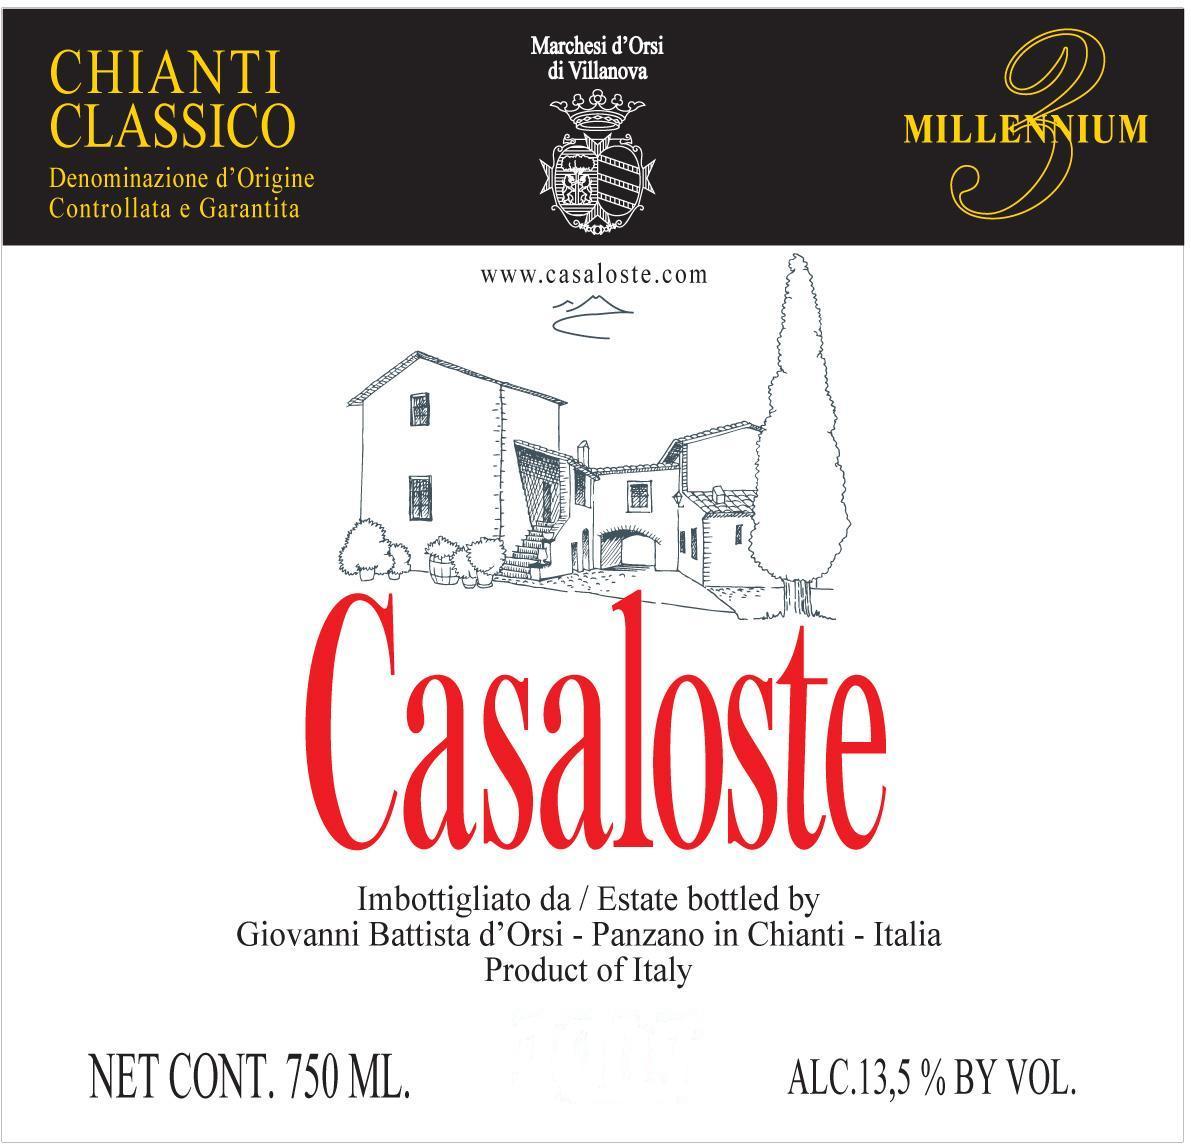 Fattoria Casaloste - Chianti Classico